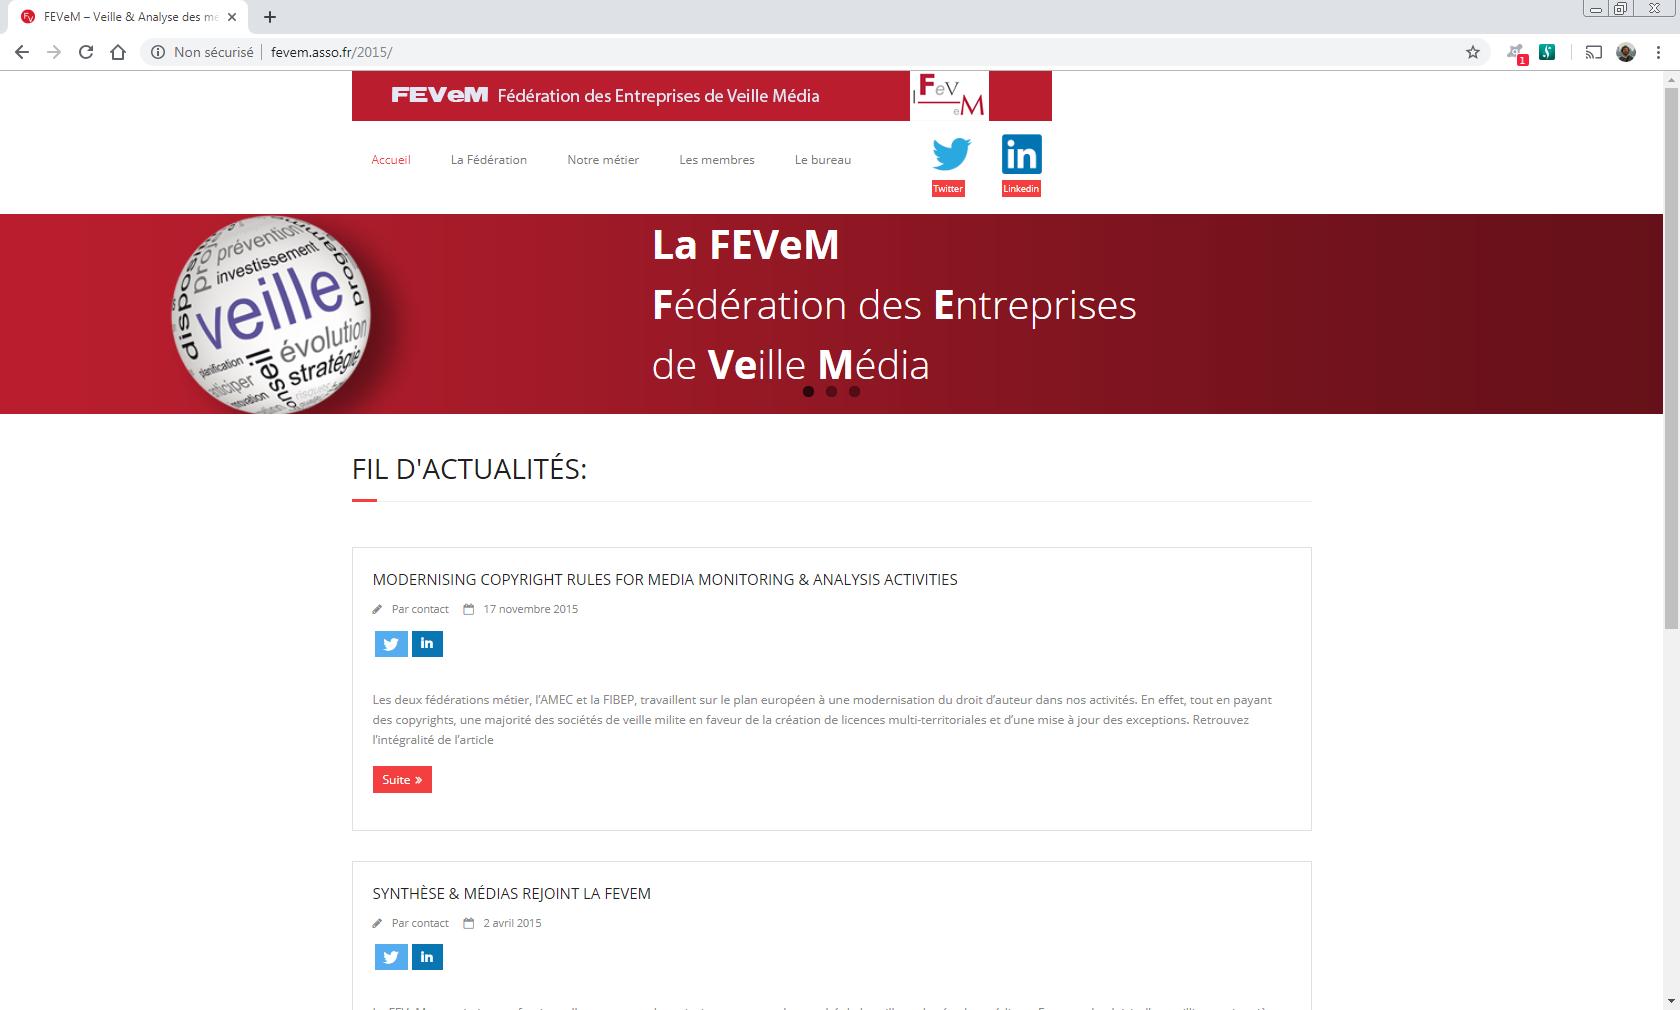 http://fevem.asso.fr - Paris Web et Informatique en luberon - Site internet et referenecment - cedric de miscault - apt à cavaillon